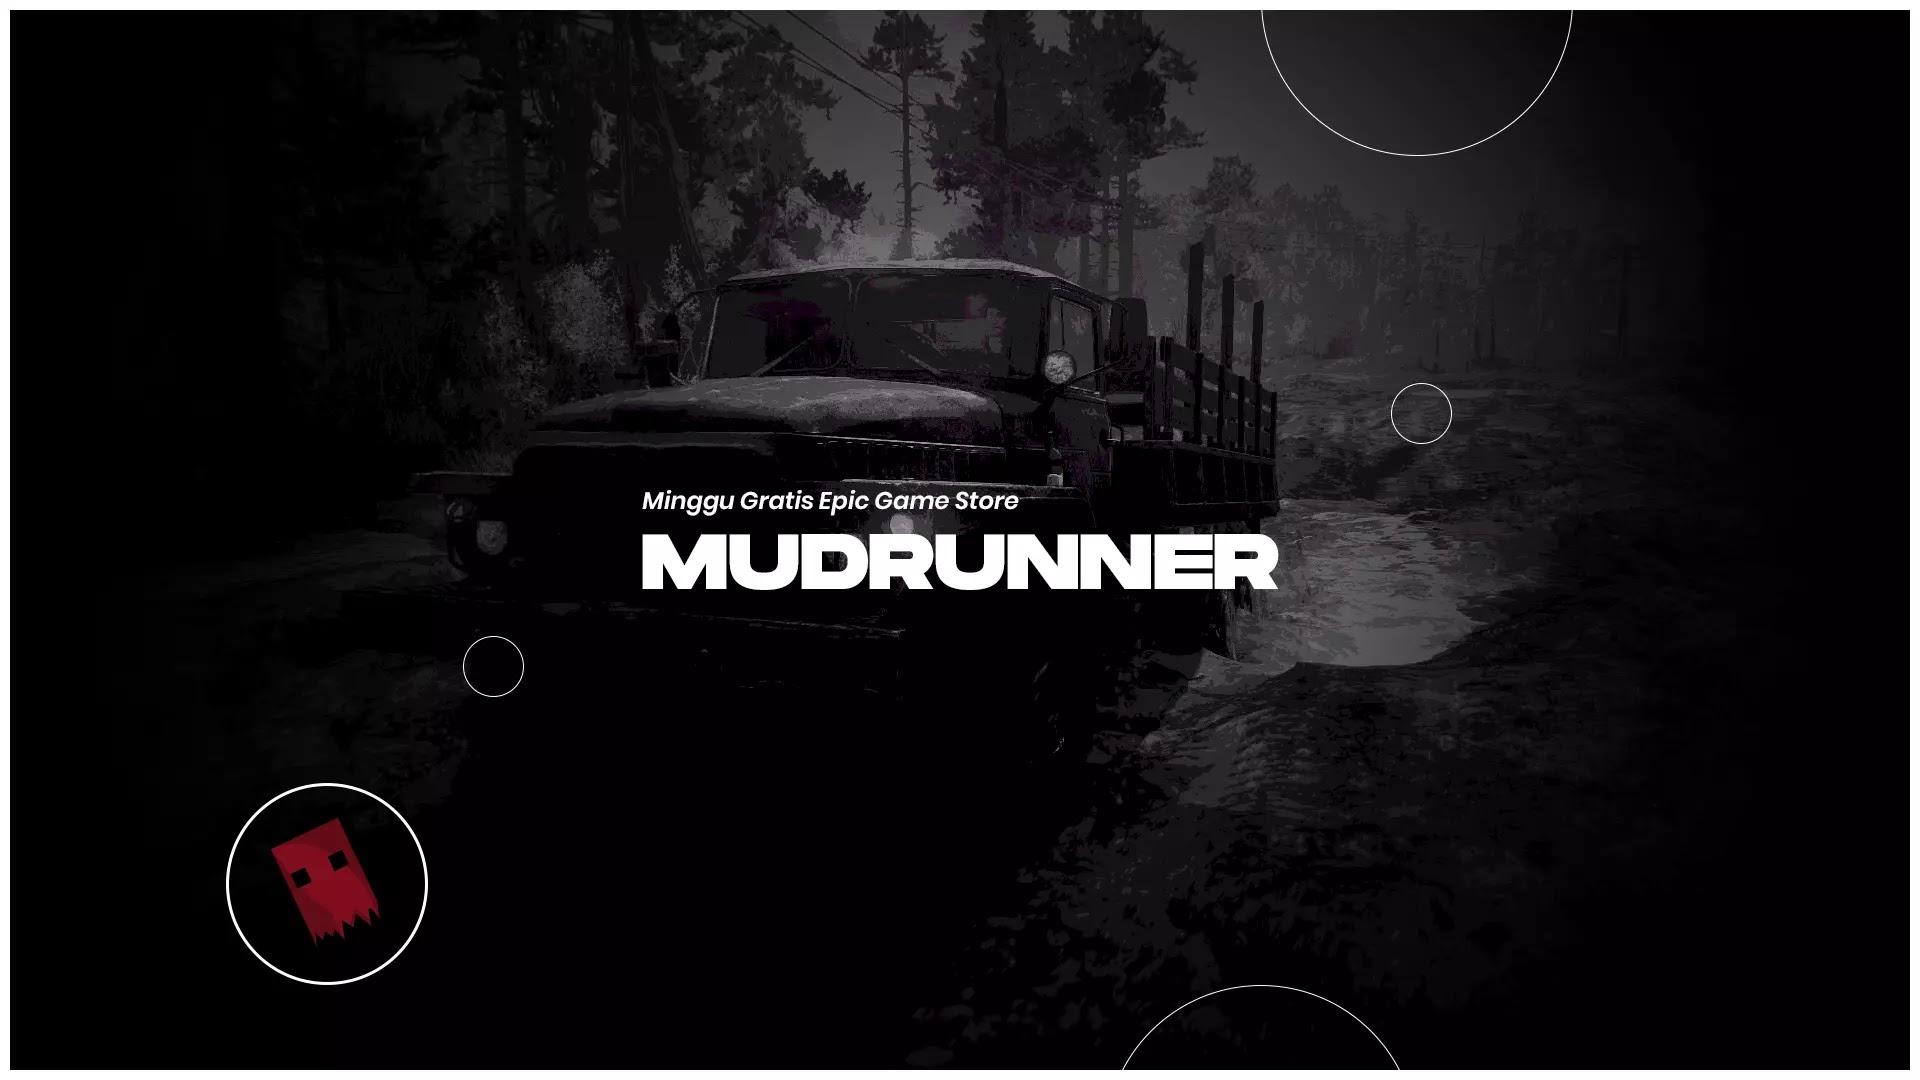 Minggu Gratis Epic Game Store - MudRunner